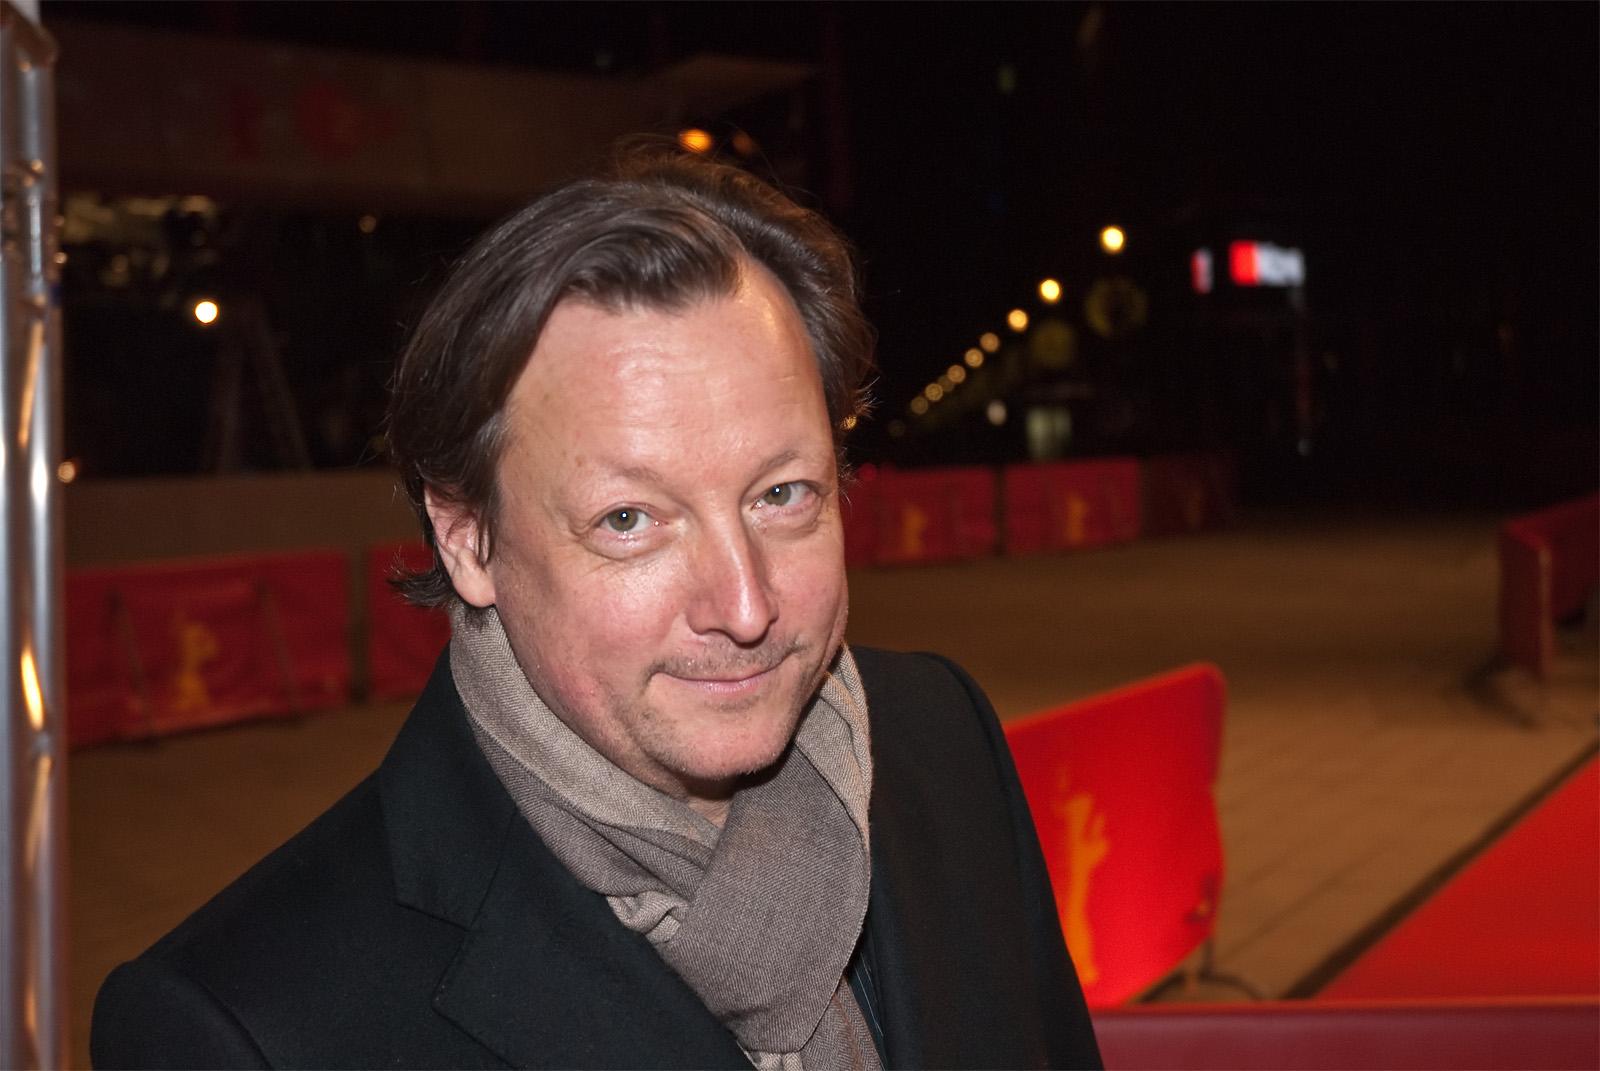 Matthias Brandt Net Worth